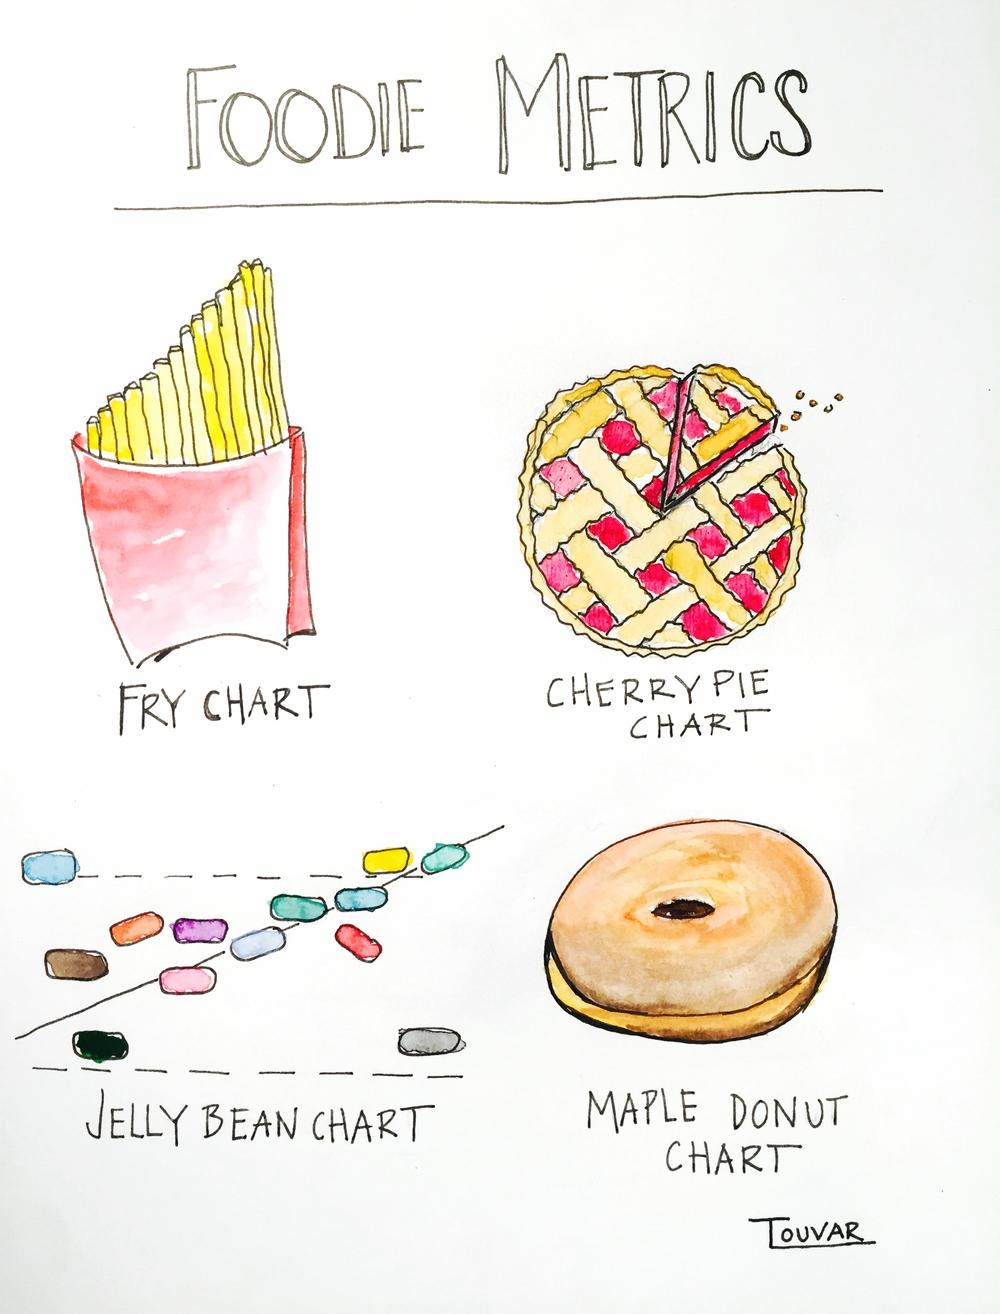 Foodie Metrics